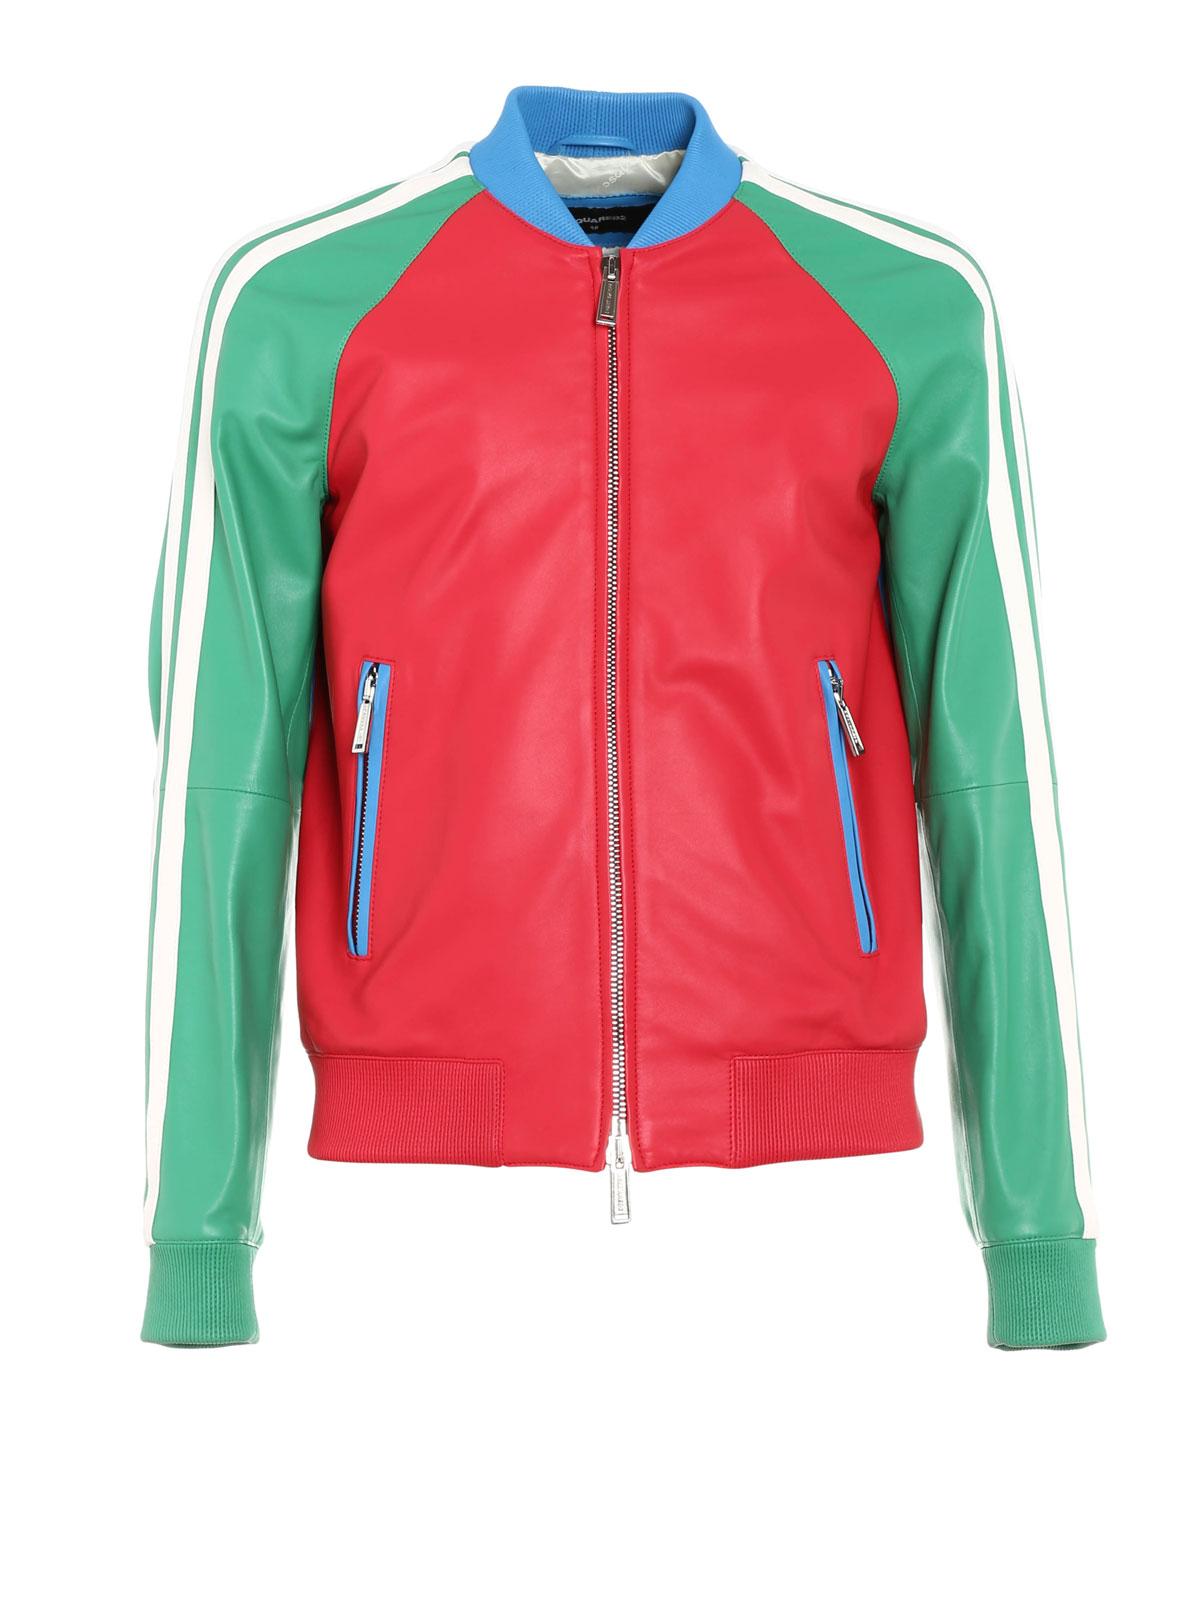 Colourful bomber jacket by Dsquared2 - leather jacket | iKRIX